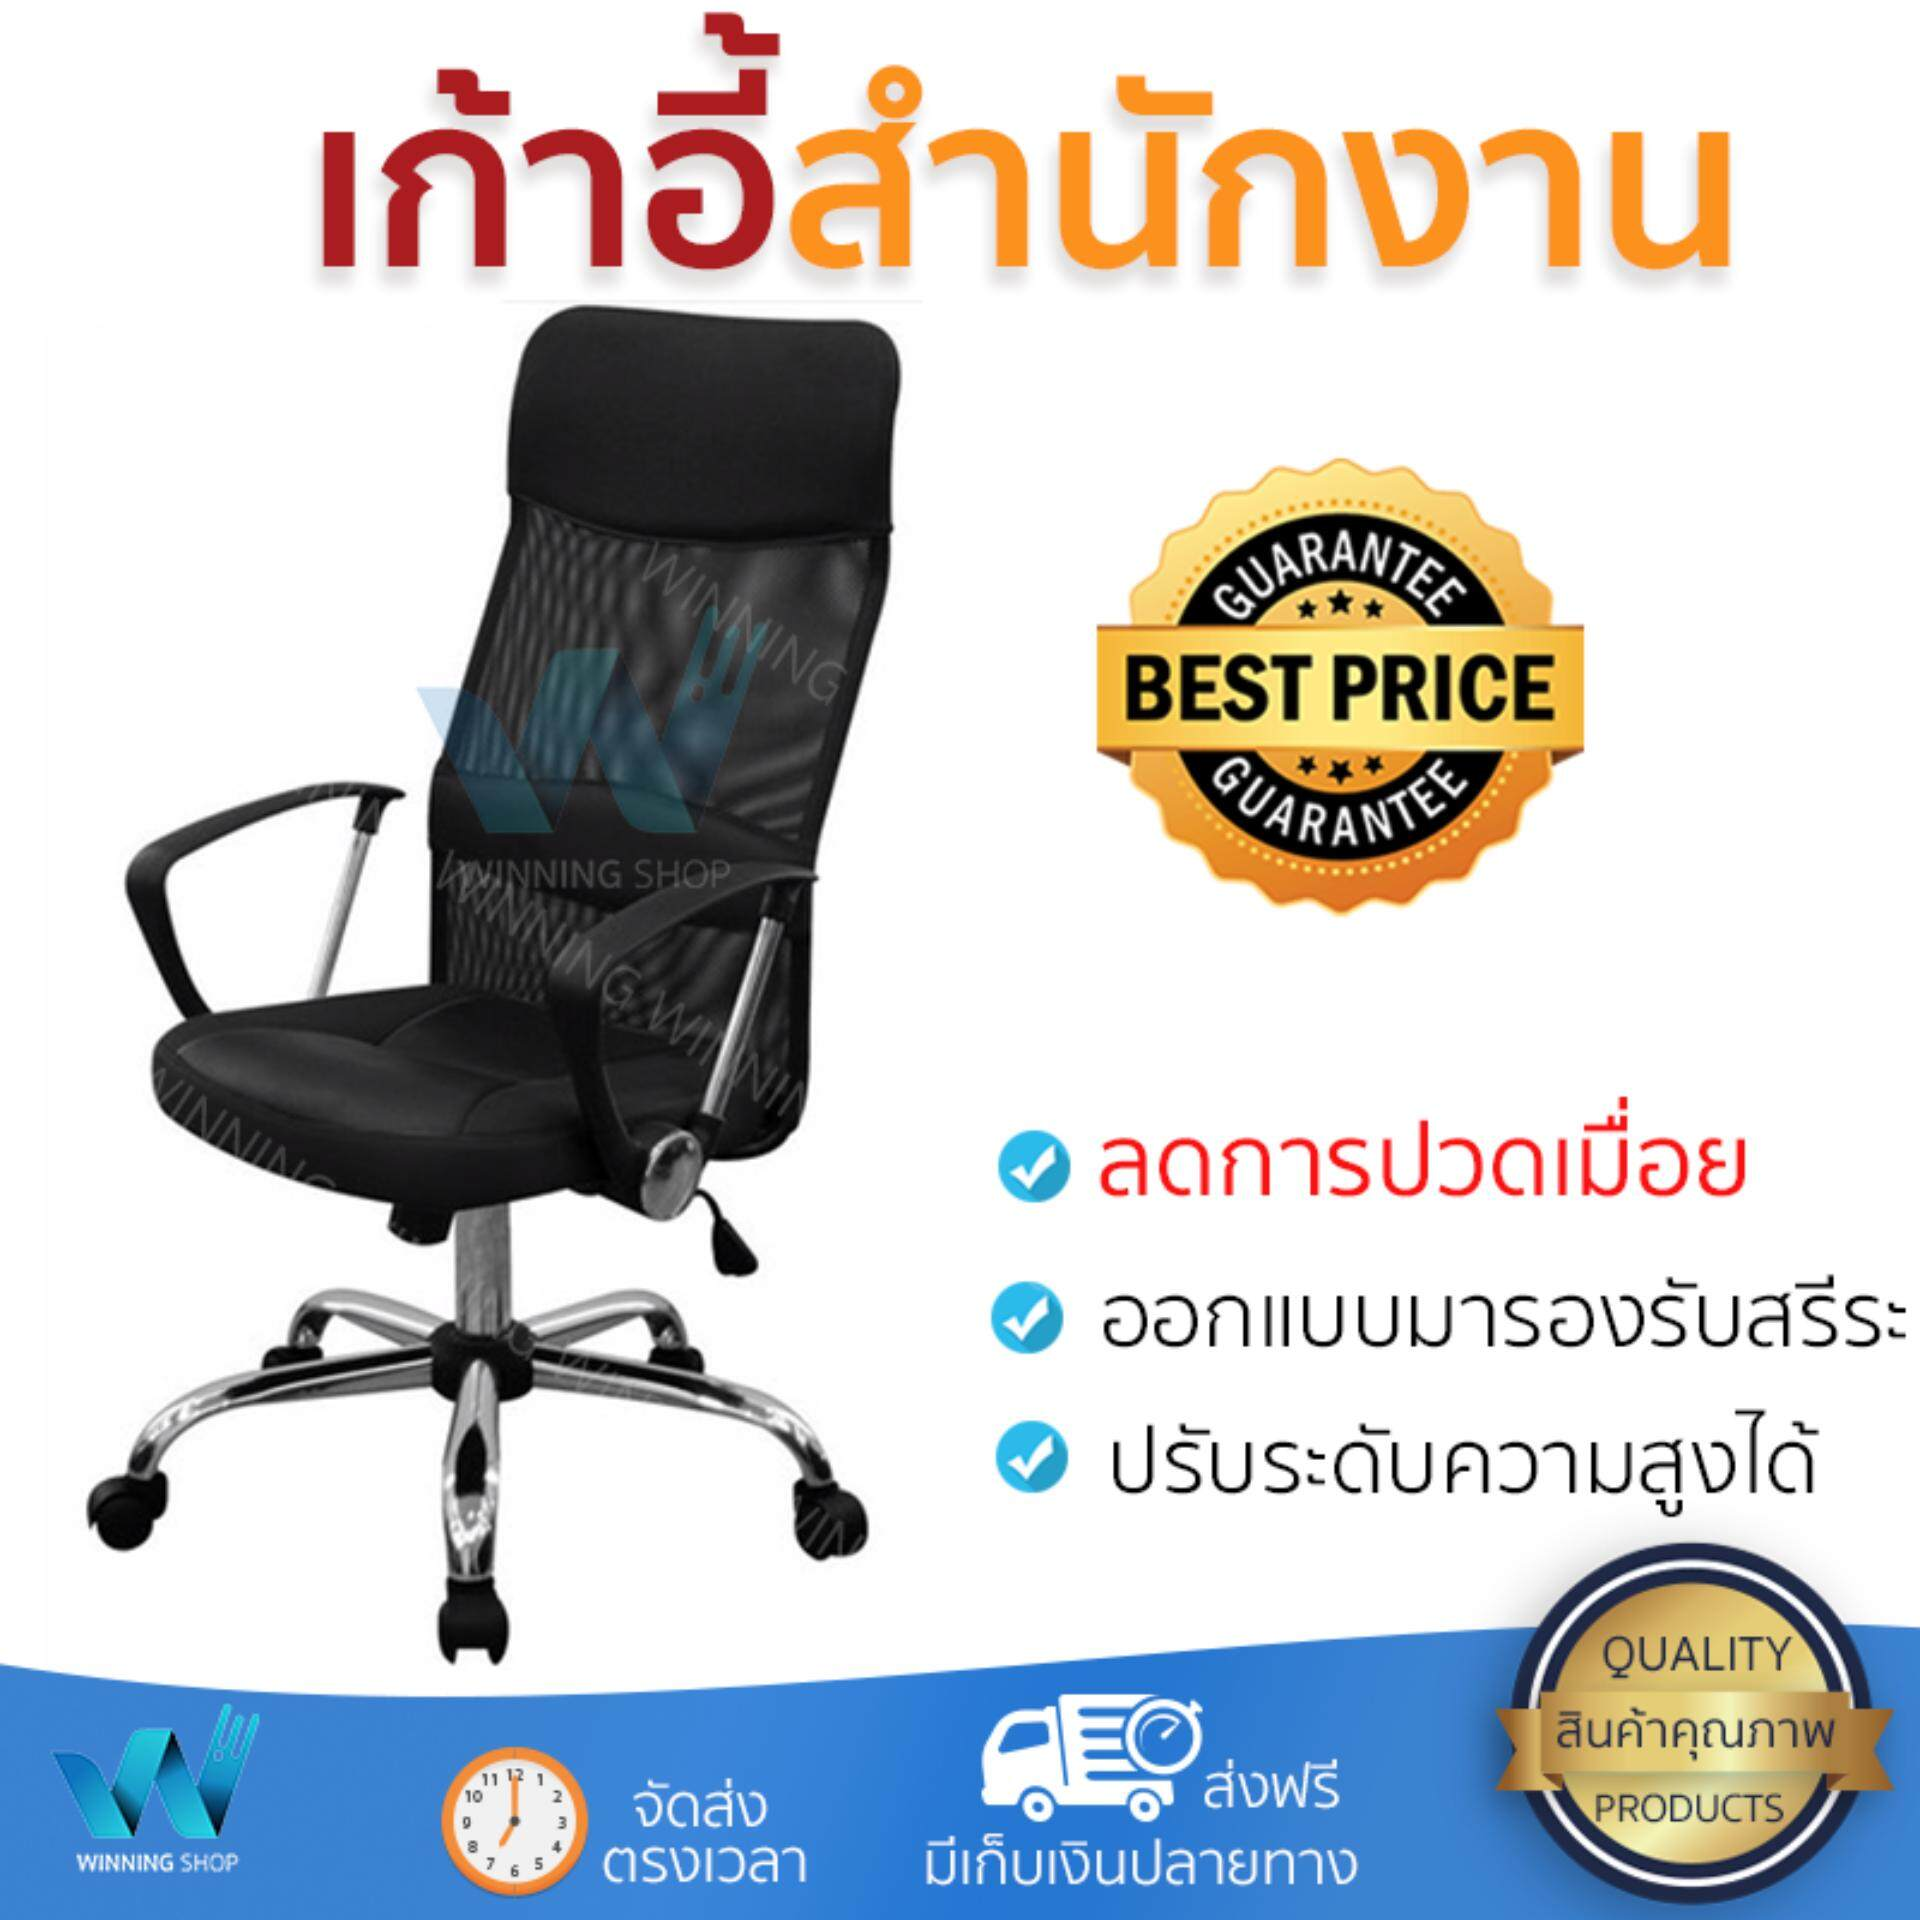 ขายดีมาก! ราคาพิเศษ เก้าอี้ทำงาน เก้าอี้สำนักงาน เก้าอี้สำนักงาน SURE PB-122 ดำ | SURE | PB-122 BLACK ลดอาการปวดเมื่อยลำคอและไหล่ เบาะนุ่มกำลังดี นั่งสบาย ไม่อึดอัด ปรับระดับความสูงได้ Office Chair จั